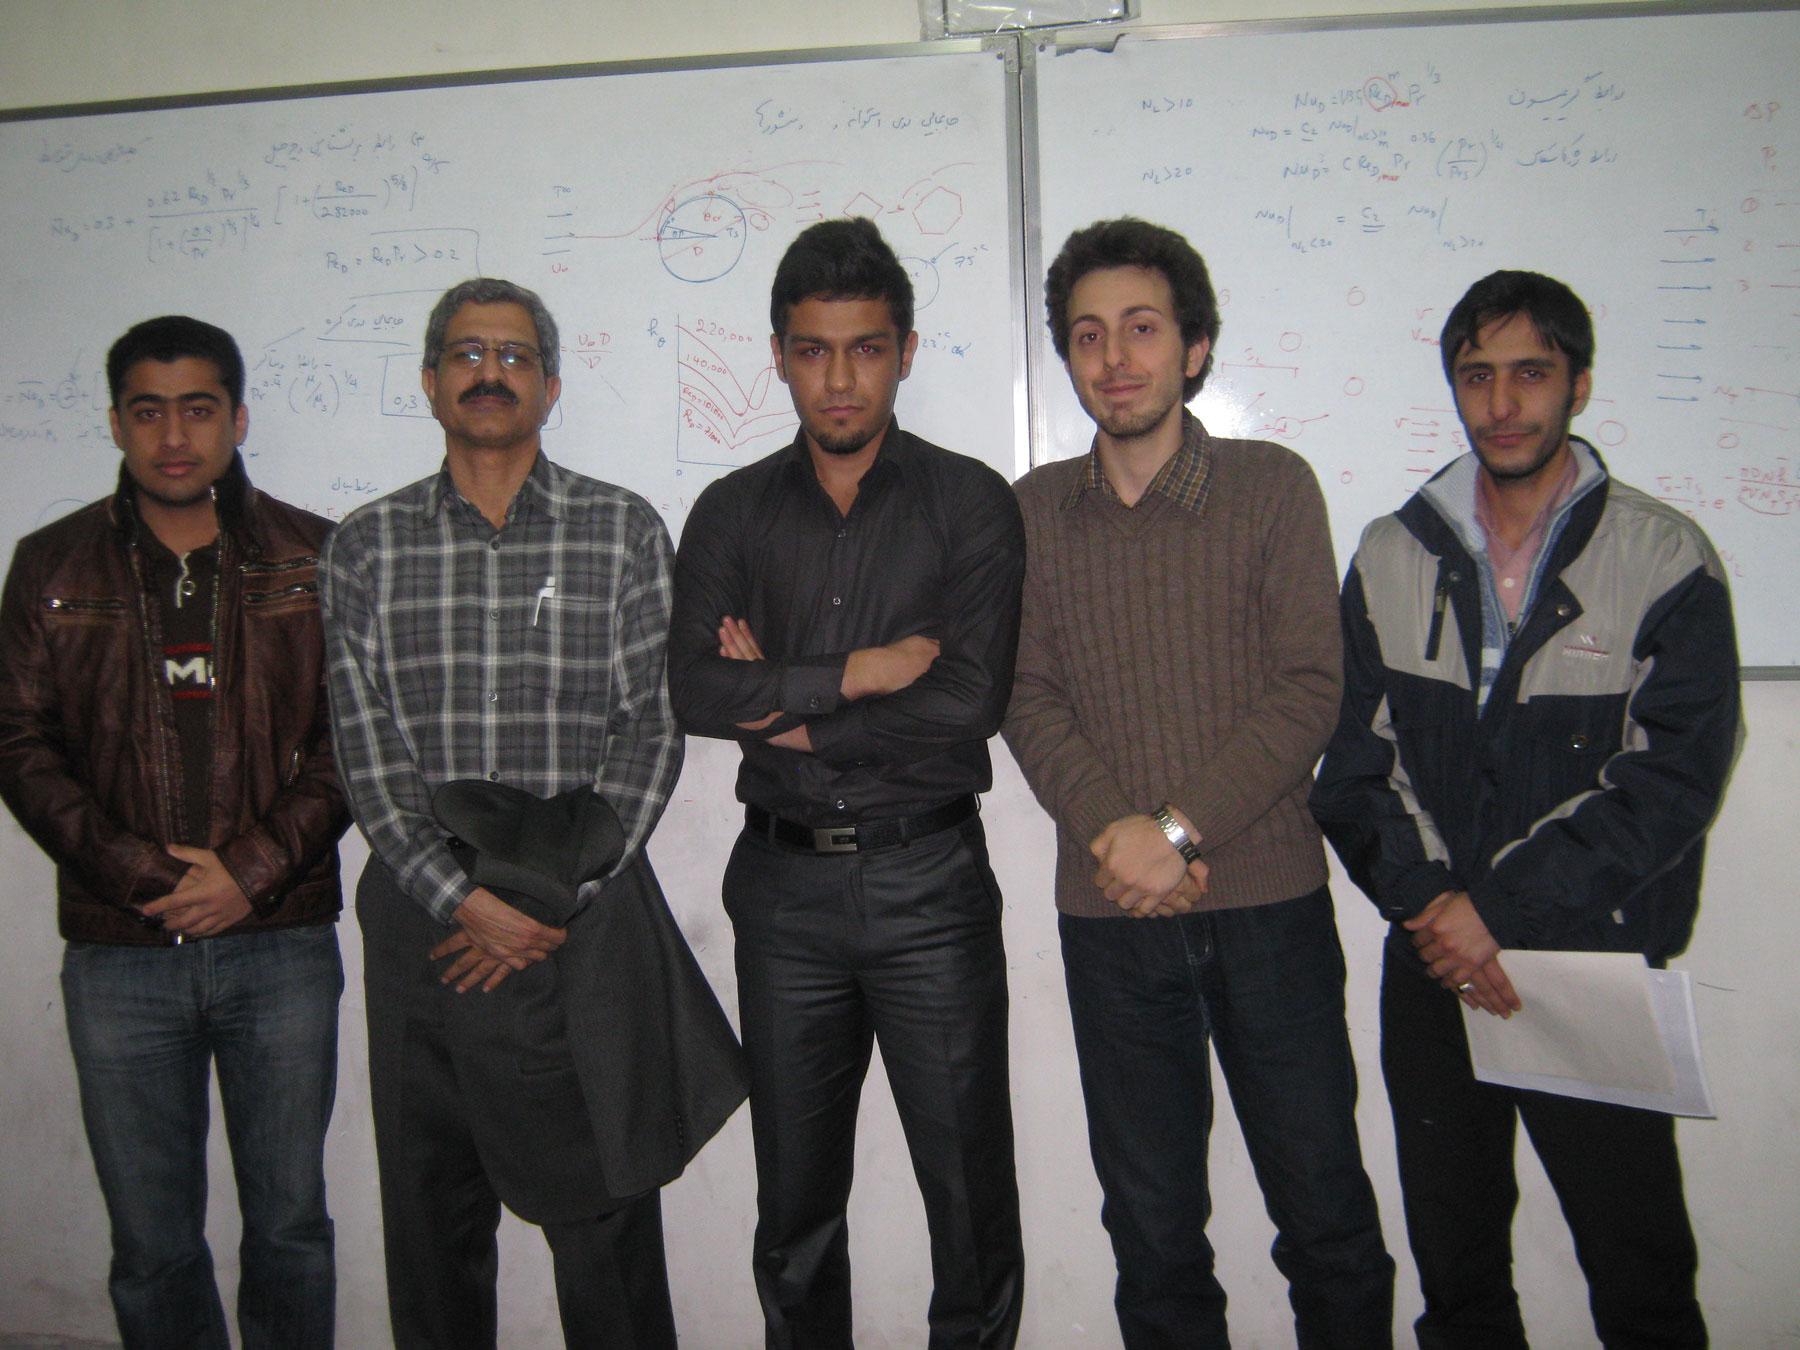 دکتر طالبی دانشگاه سمنان، مکانیک 87